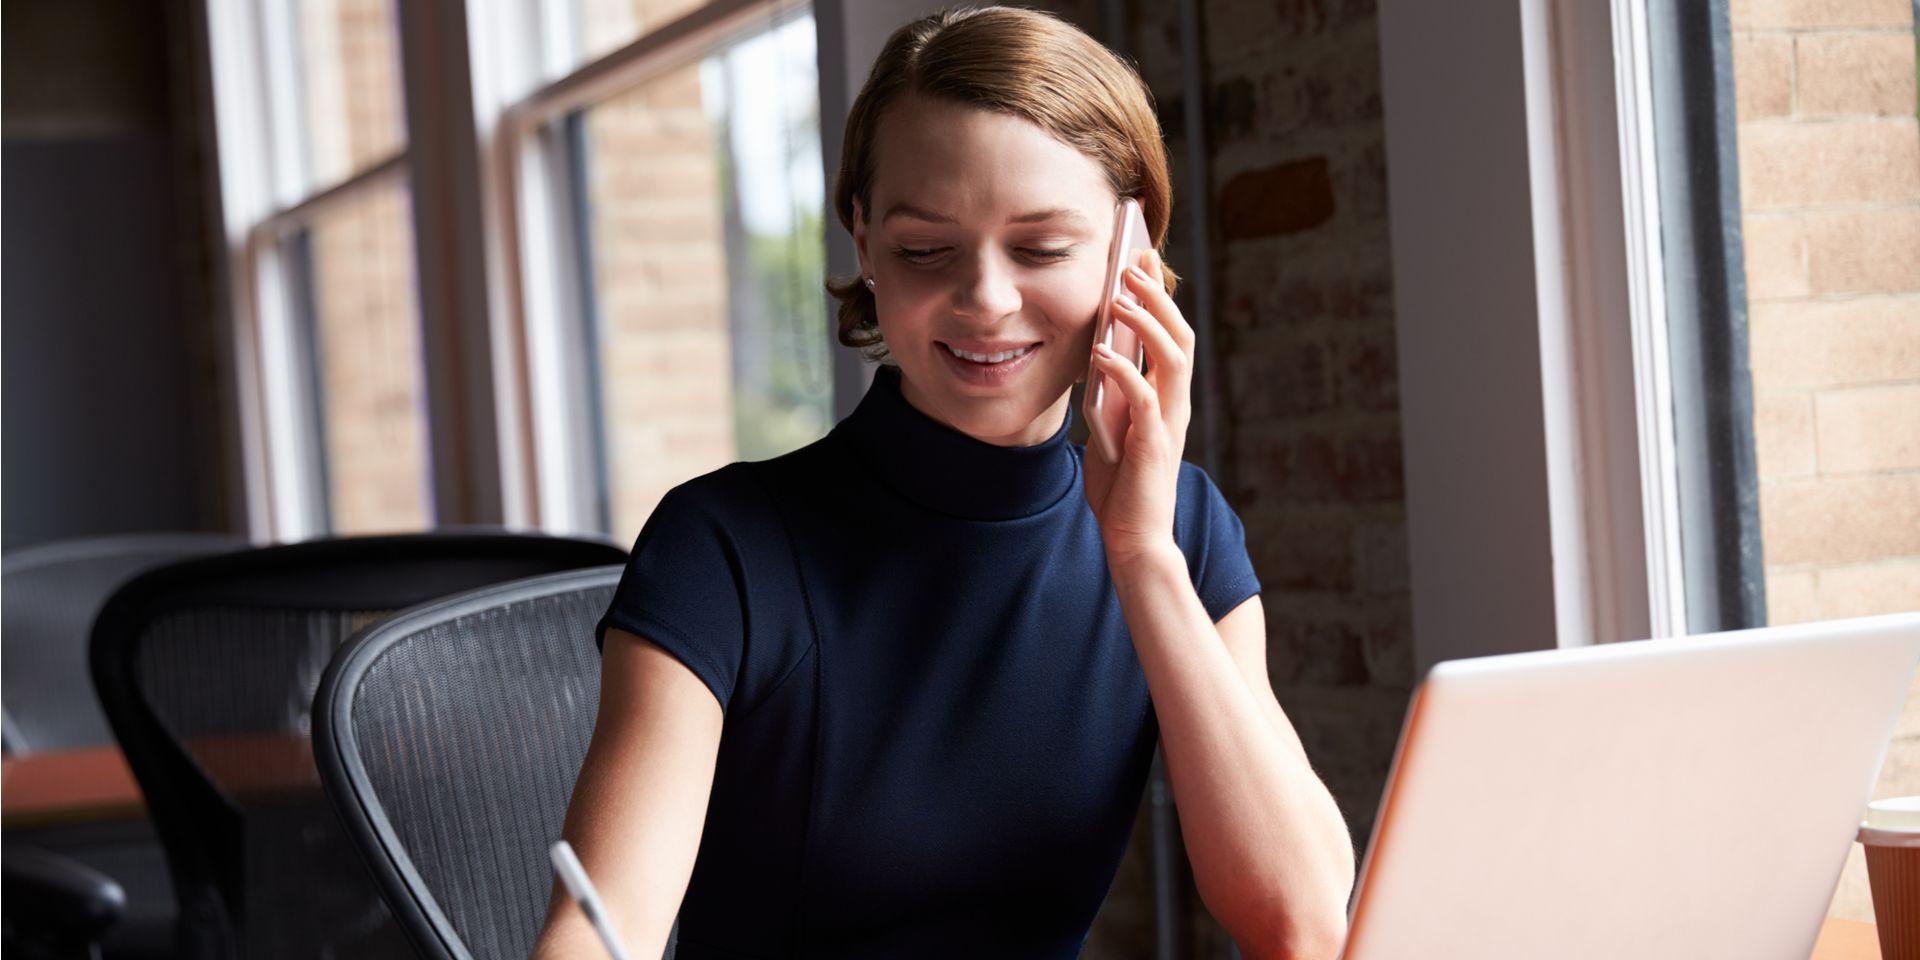 為什麼客戶不回你信?快檢查信中是否犯了這 4 種錯誤